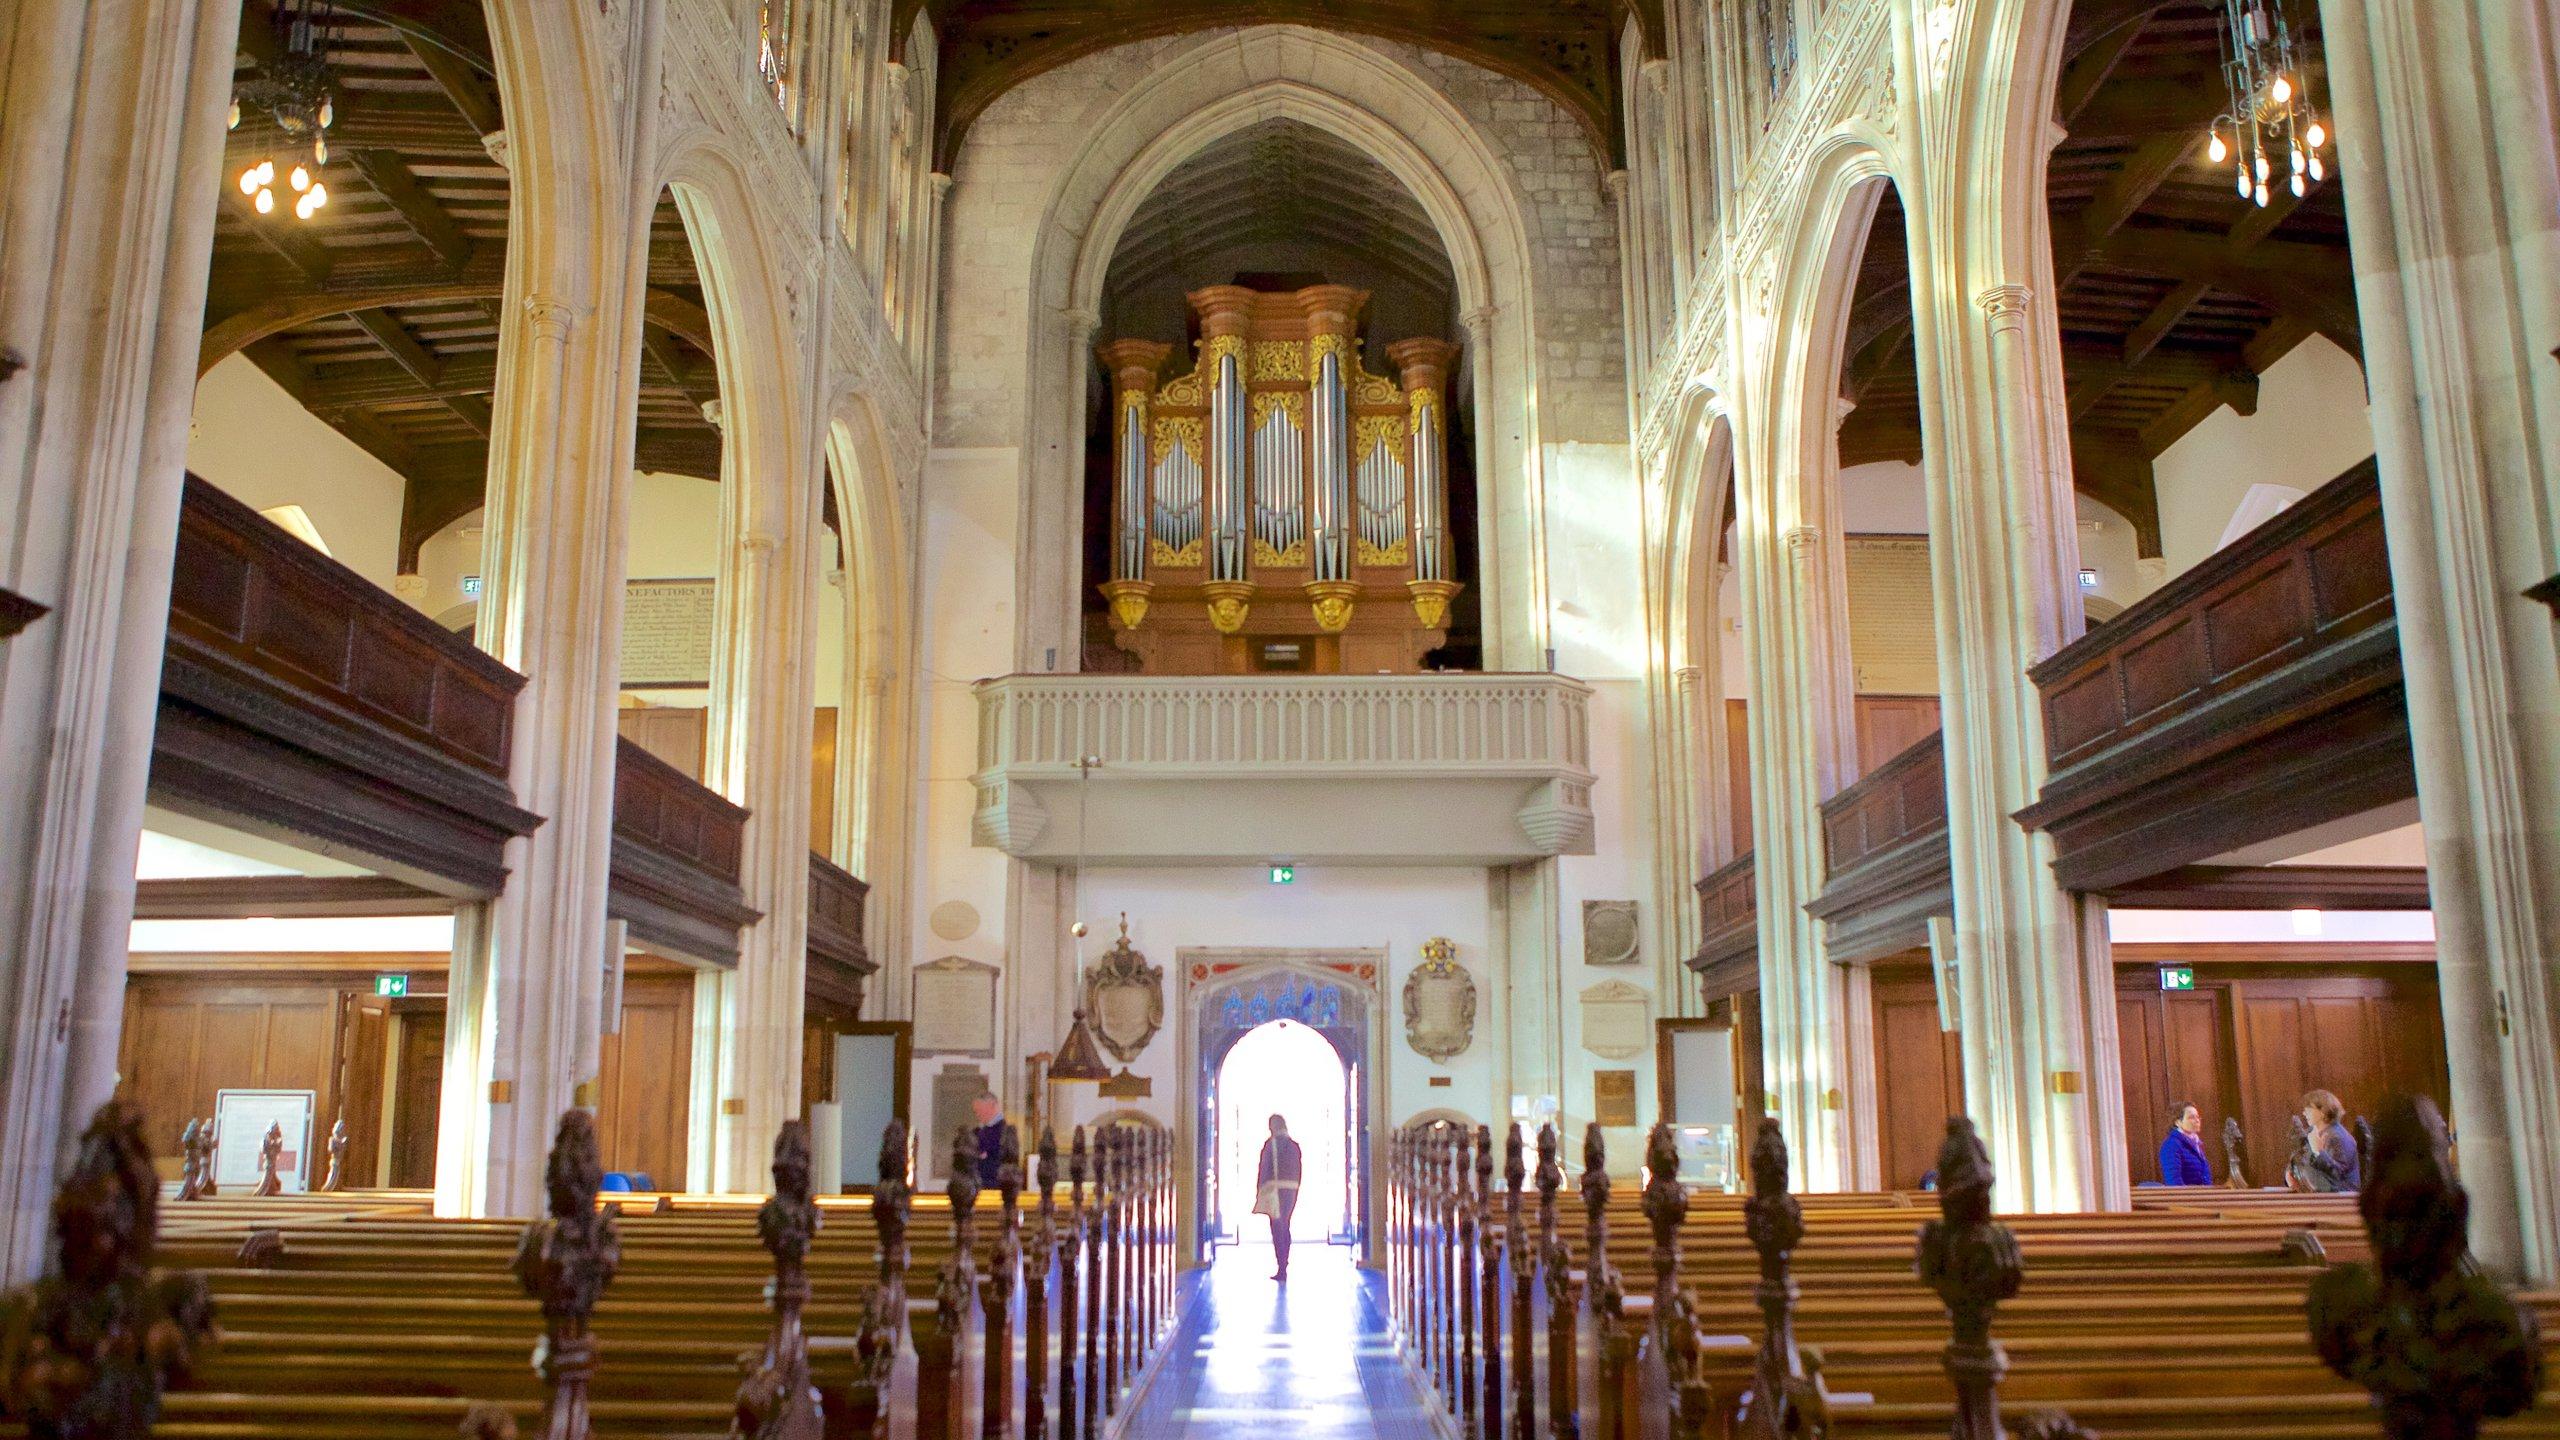 Kerk van St. Mary the Great, Cambridge, Engeland, Verenigd Koninkrijk